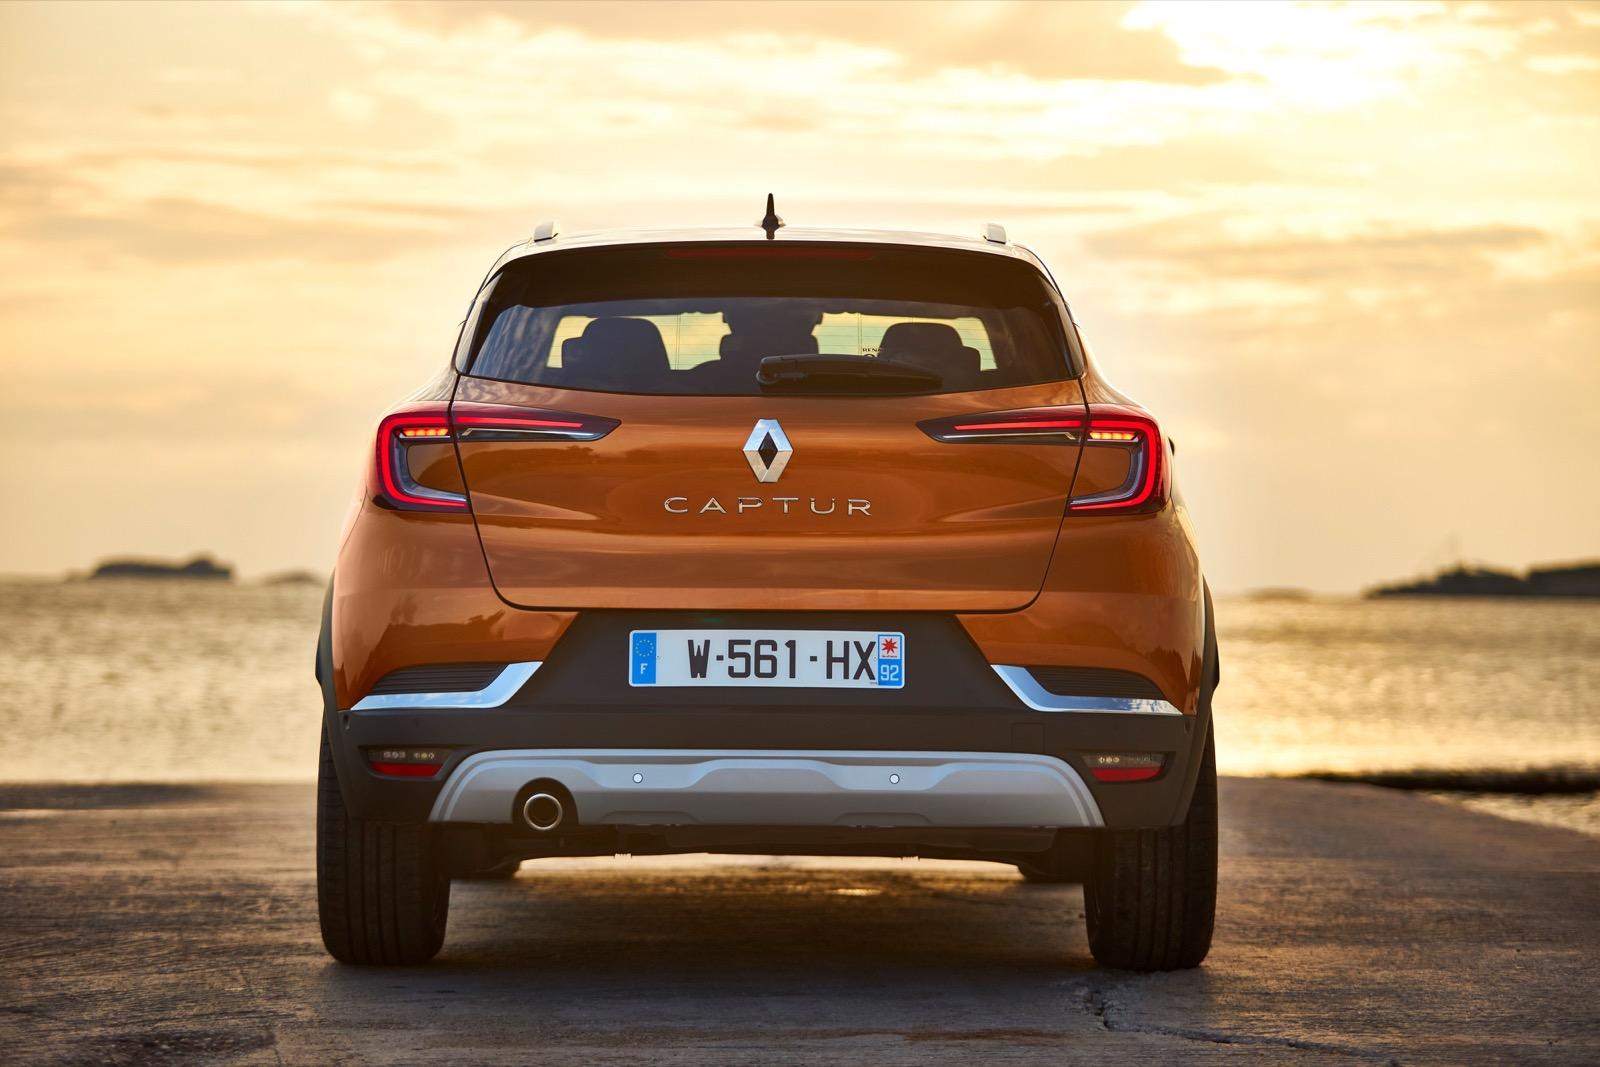 2019 Essais Presse Nouveau Renault Captur En Grèce